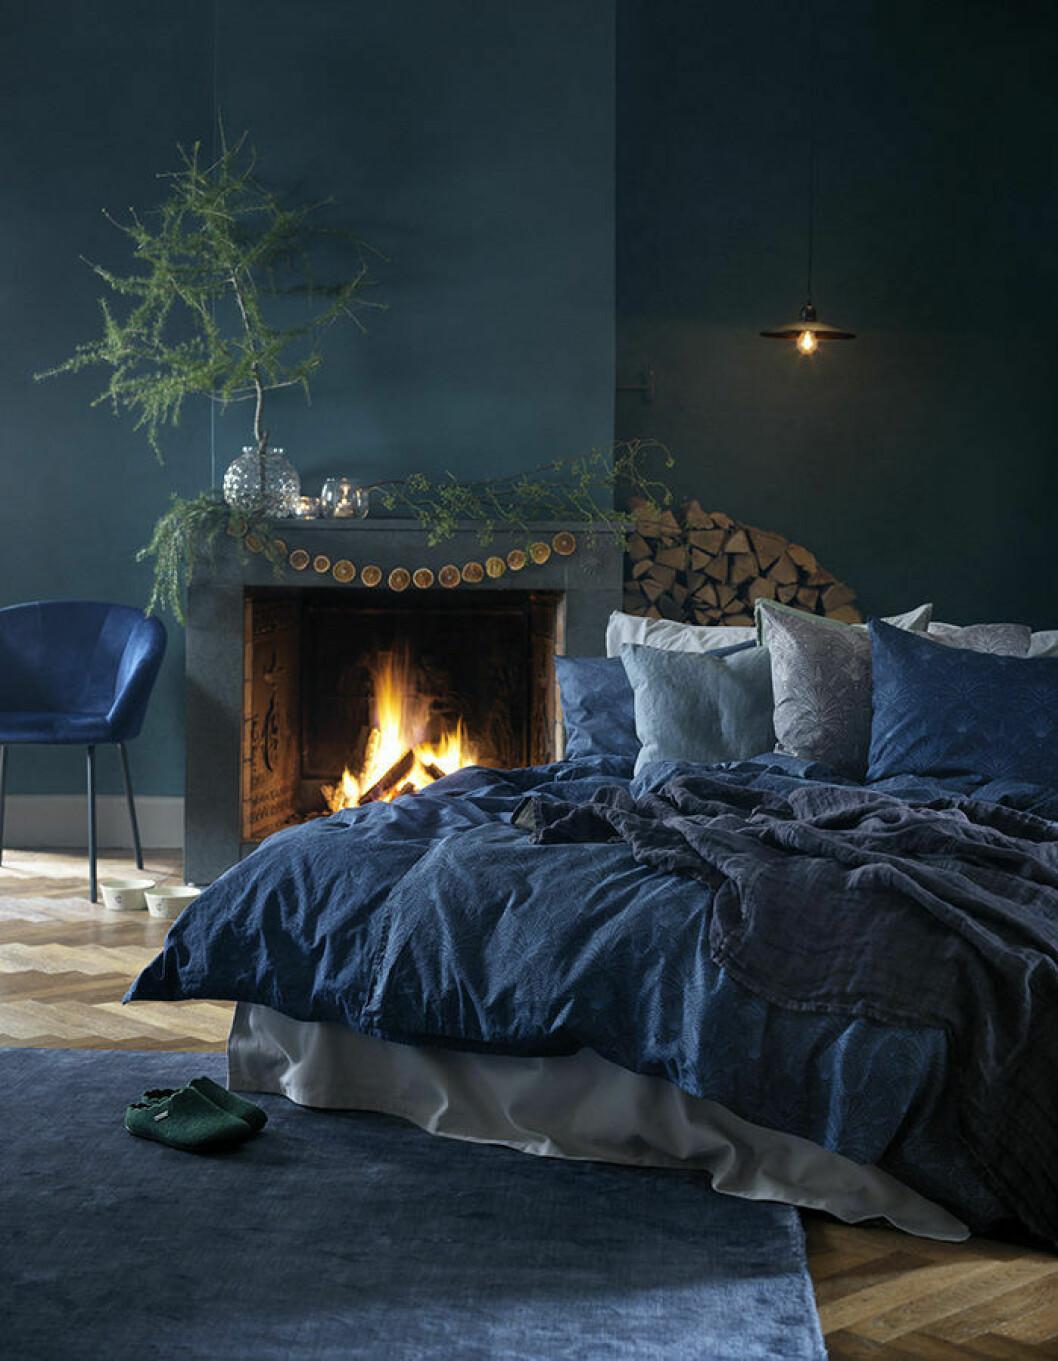 Blå sängkläder skapar ett mysigt sovrum.